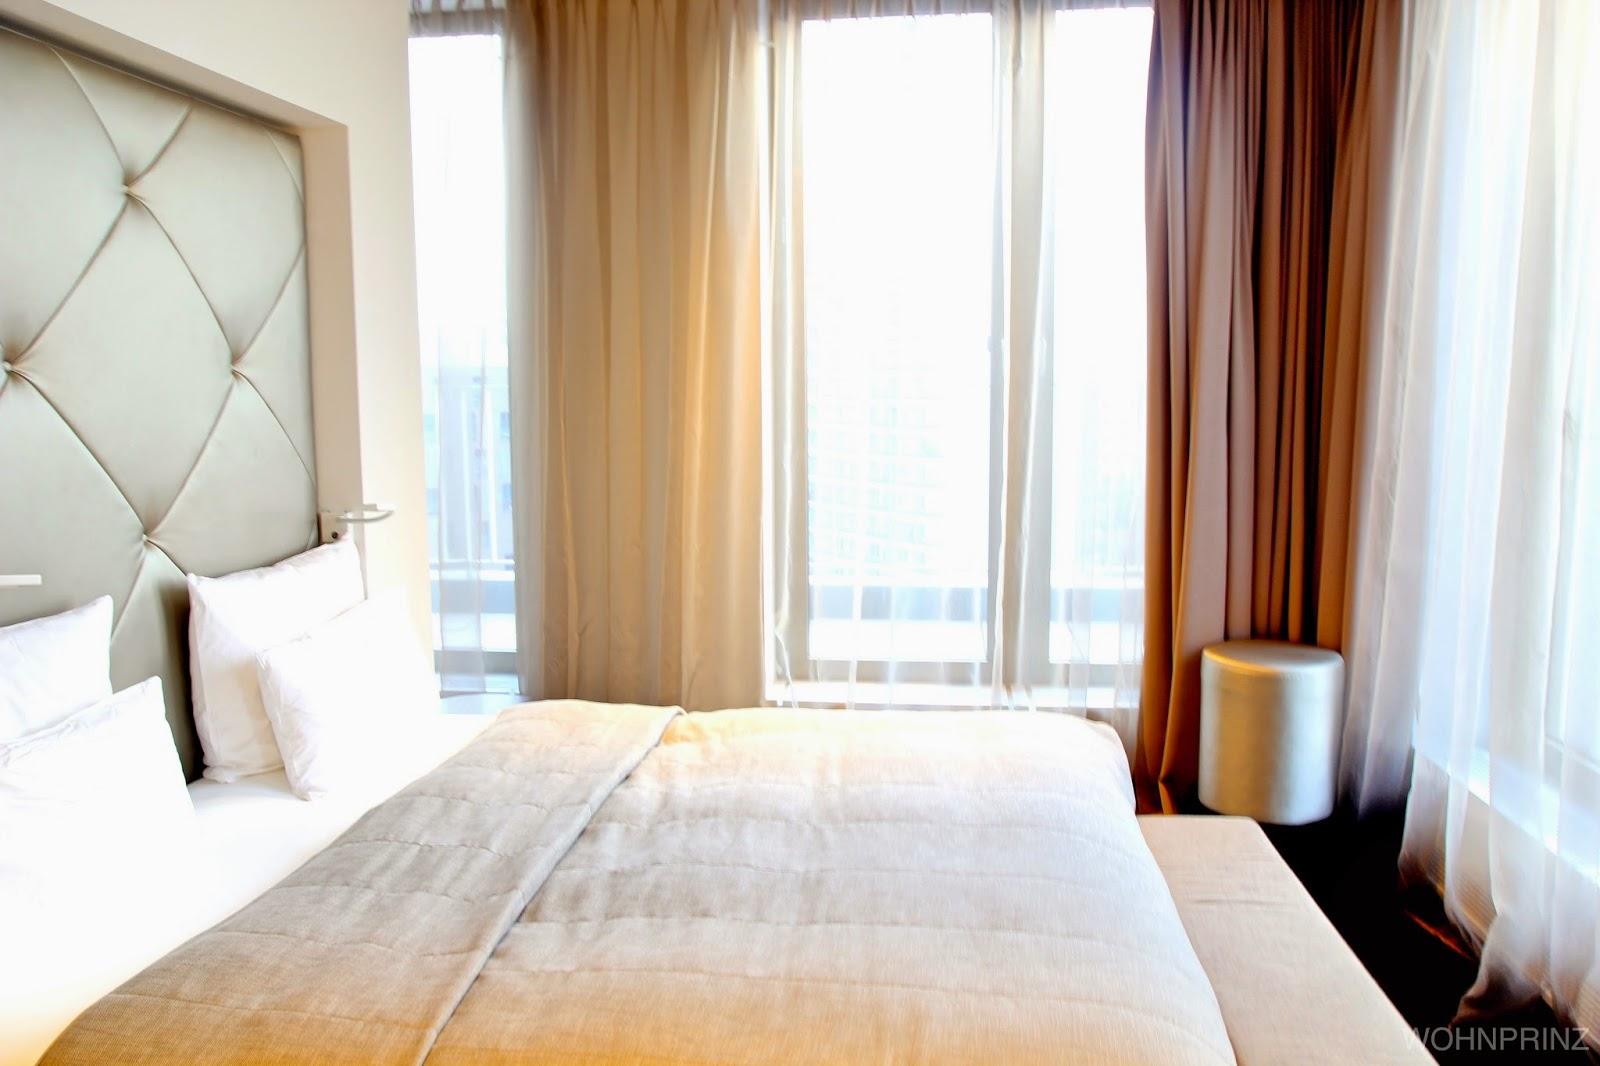 Am Ende Des Bettes Stand Eine Bank Und In Der Ecke Rechts Vor Dem Bett  Stand Ein Weiterer Flatscreen. Nach Außen Hin, Ist Die Suite Komplett  Verglast U0026 Mit ...